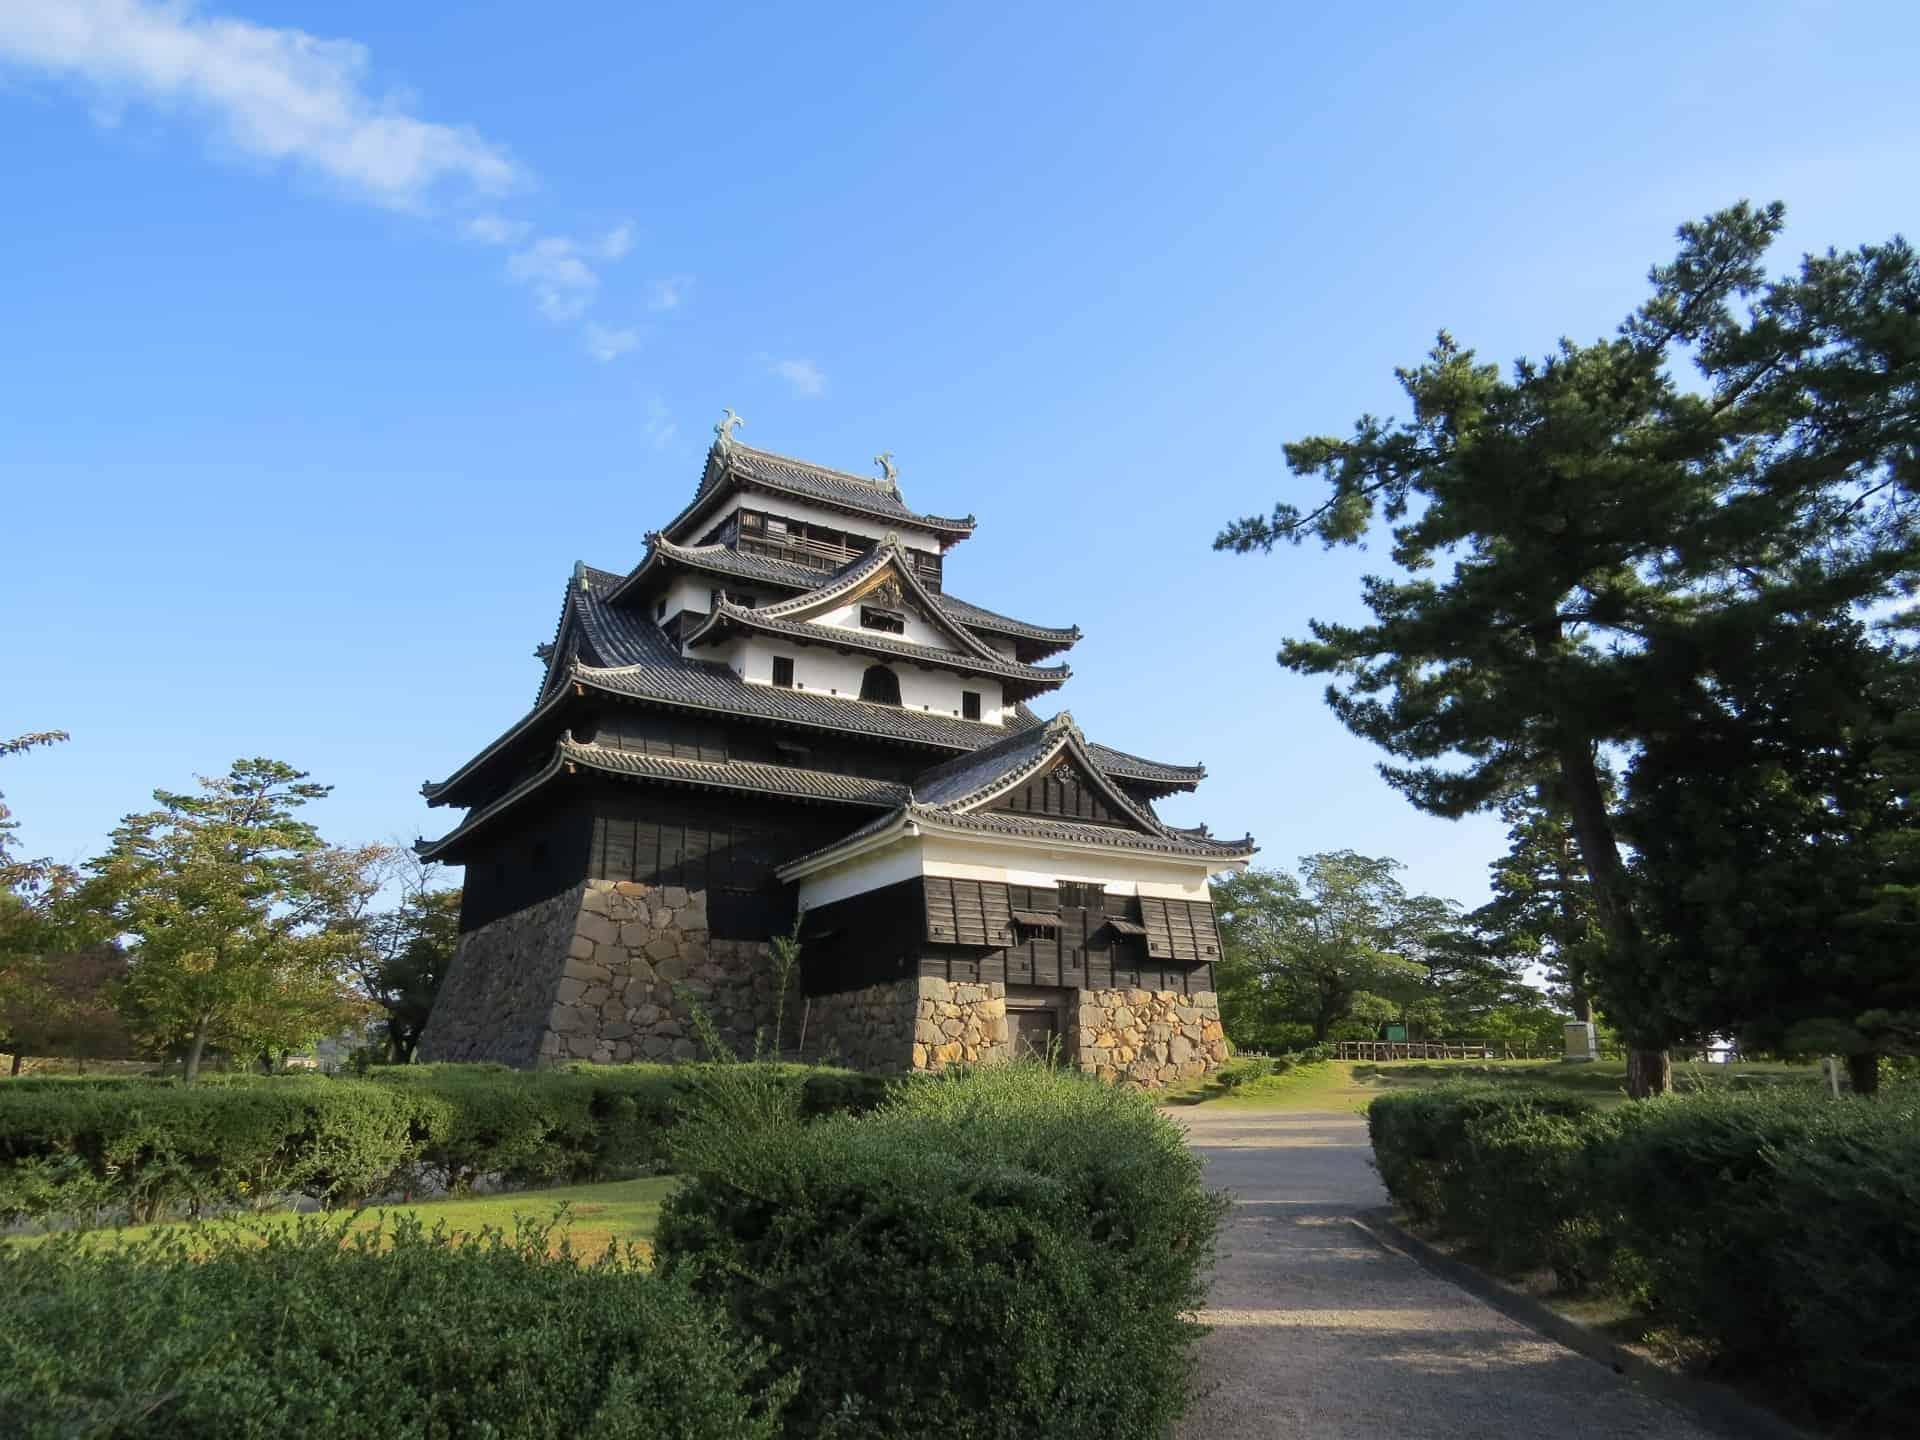 ปราสาทมัตสึเอะ Matsue Castle มัตสึเอะ ชิมาเนะ